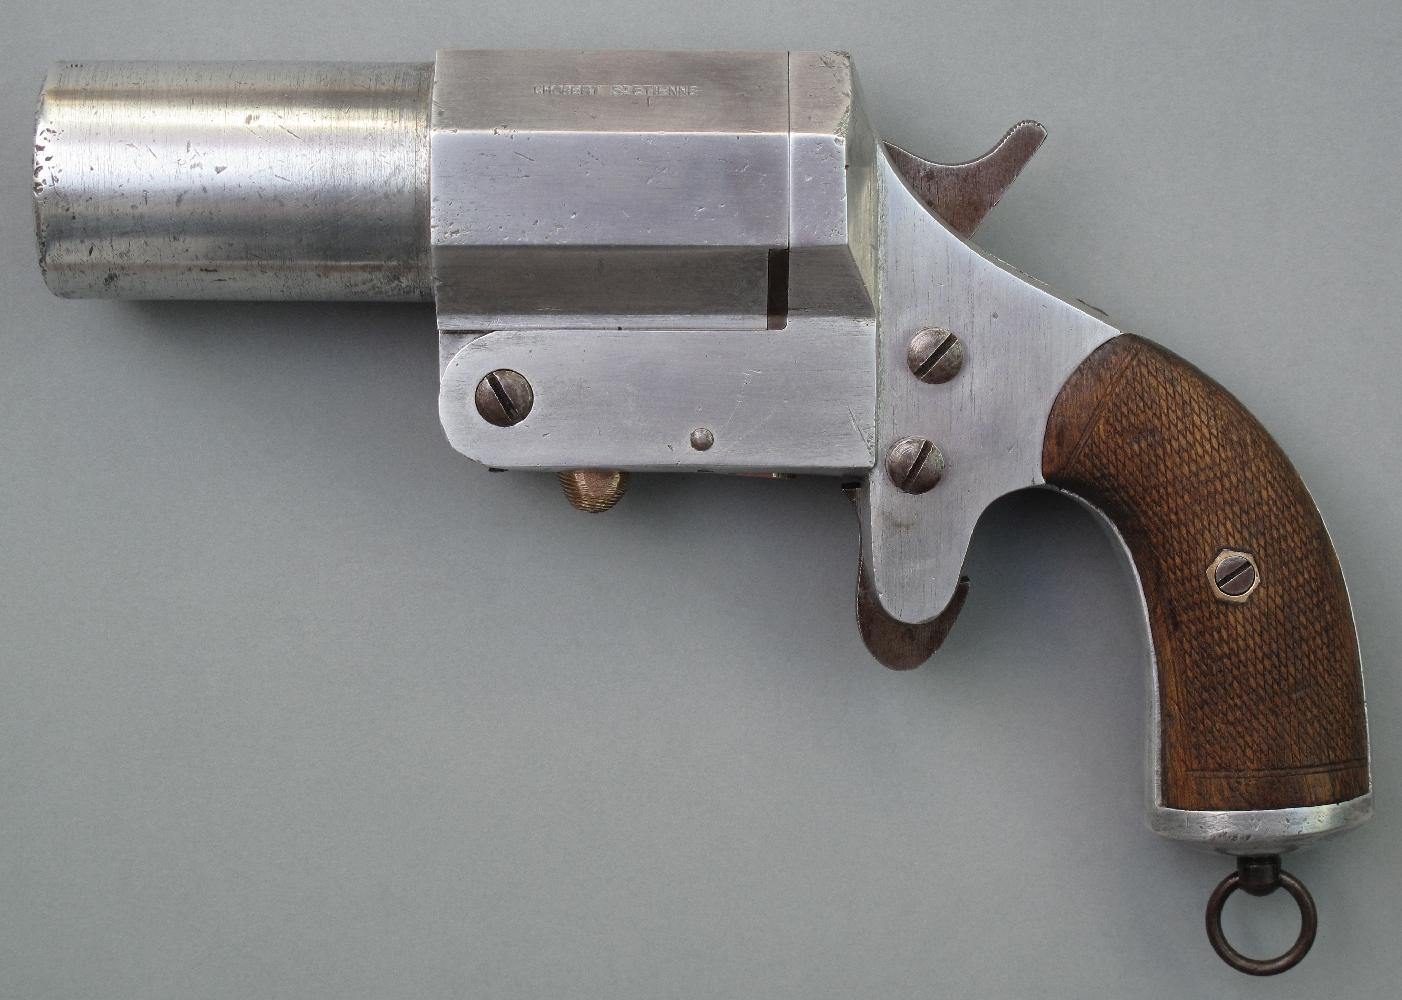 L'année 1917 voit également l'apparition d'un pistolet signaleur réalisé en aluminium, destiné à équiper les aéroplanes. Il est fabriqué à St-Etienne par la maison Chobert et dispose d'un extracteur automatique. Les américains vont adopter en 1918 une copie conforme de ce pistolet pour équiper leurs aviateurs mais la fin de la guerre mettra un terme à ce projet.